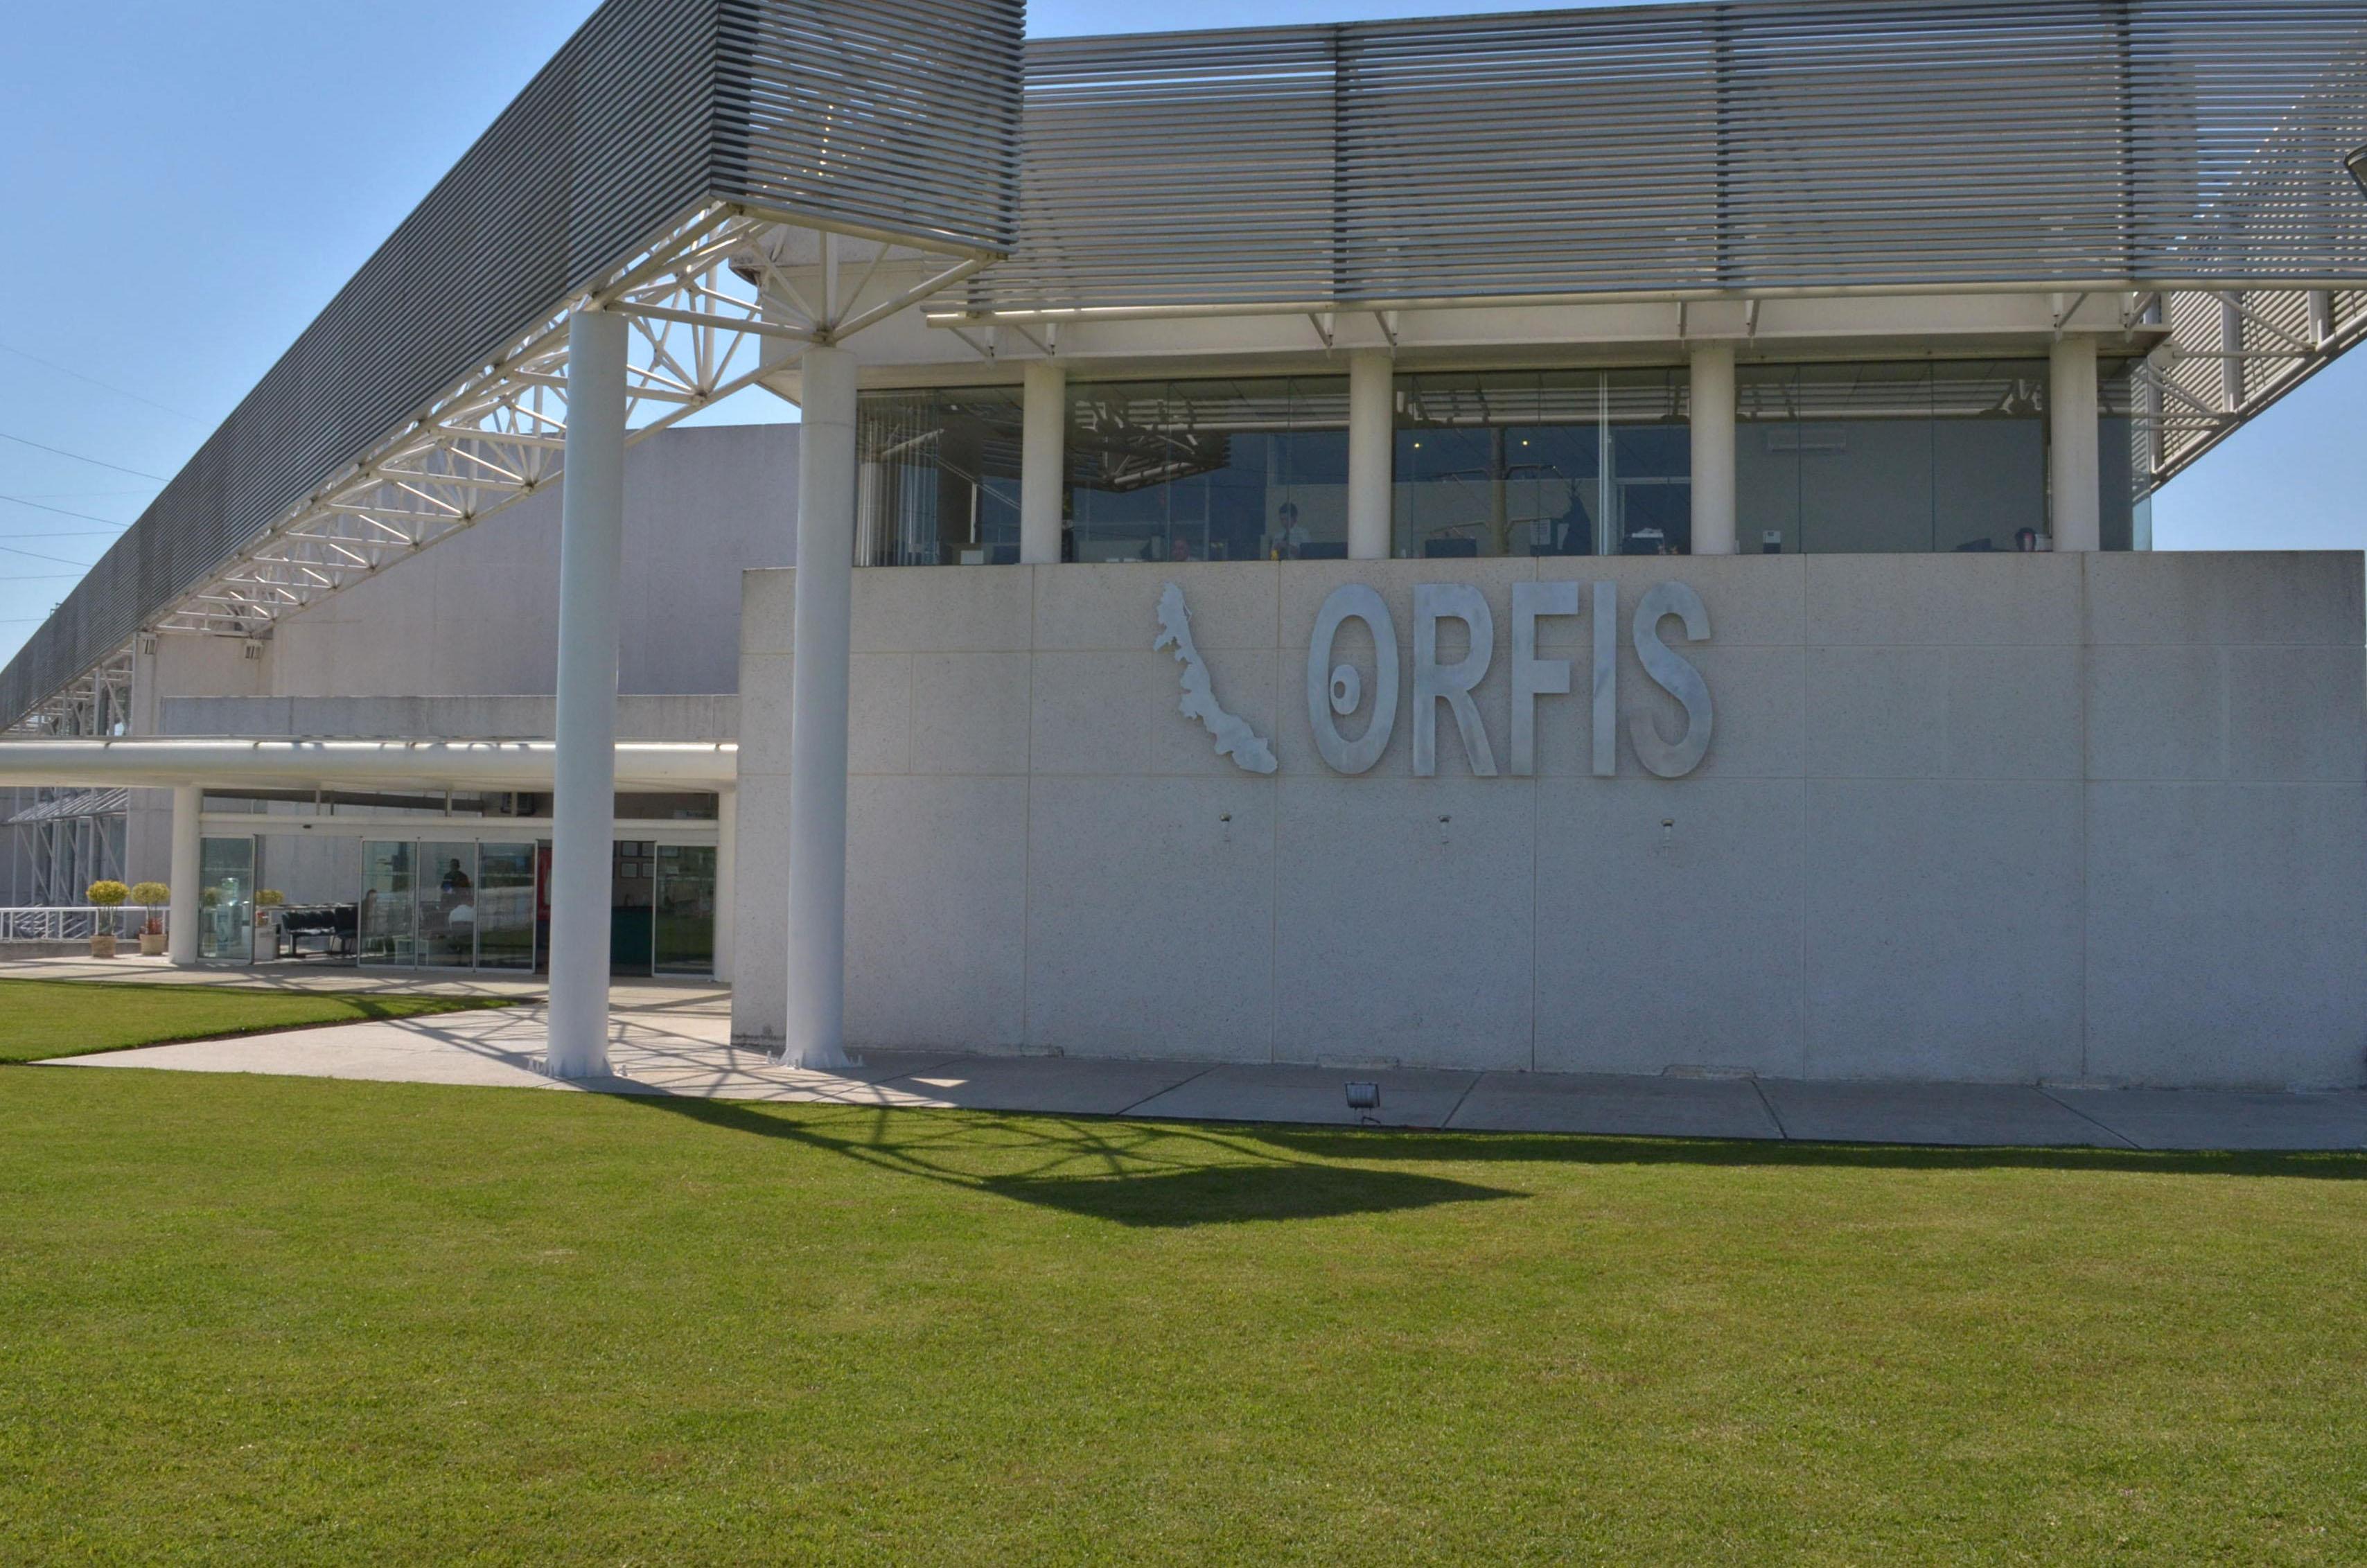 Orfis presentó denuncias penales ante FGR por cuentas públicas 2017 y 2018